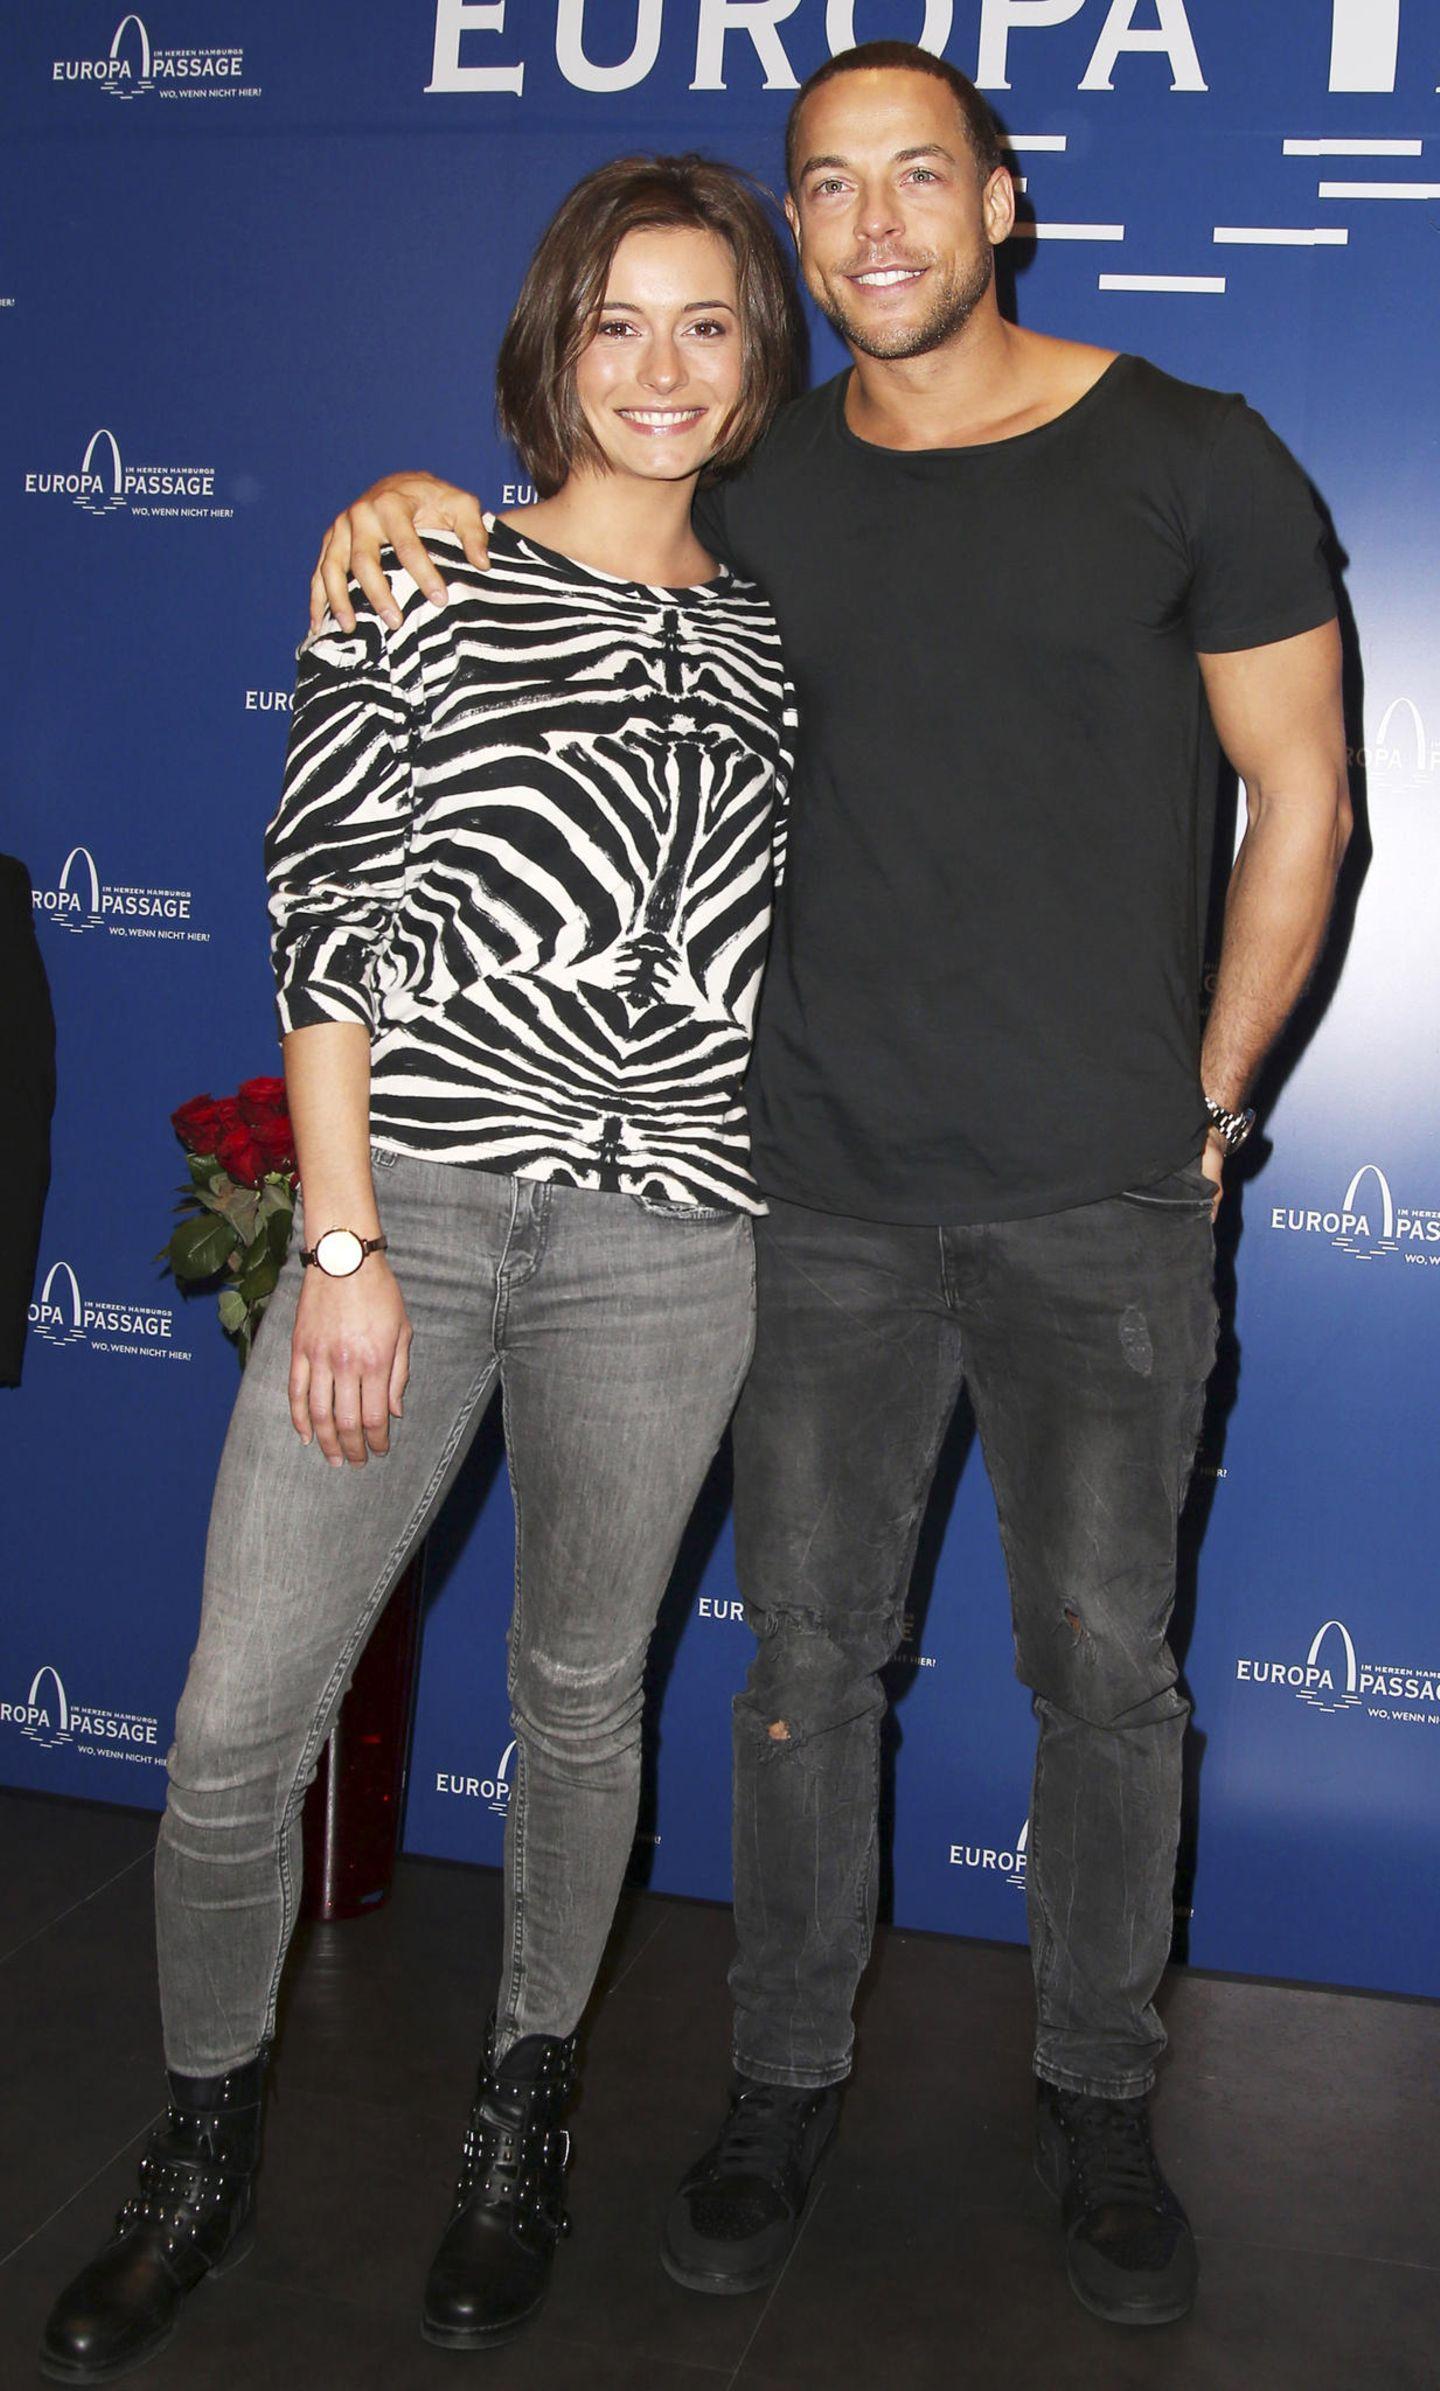 Bei ihrem ersten offiziellen Auftritt als Paar zeigen sich Jennifer Lange und Bachelor Andrej Mangold super verliebt und im Partnerlook! Beide mögen es offenbar lässig. Sowohl Jenny, als auch Andrej tragen eine graue Jeans - sie eine hellere Variante, er eine dunklere. Wenn das mal kein Zeichen ist! Und wir haben da noch so eine Theorie, warum dieses Bachelor-Pärchen ganz lange zusammen bleibt ...